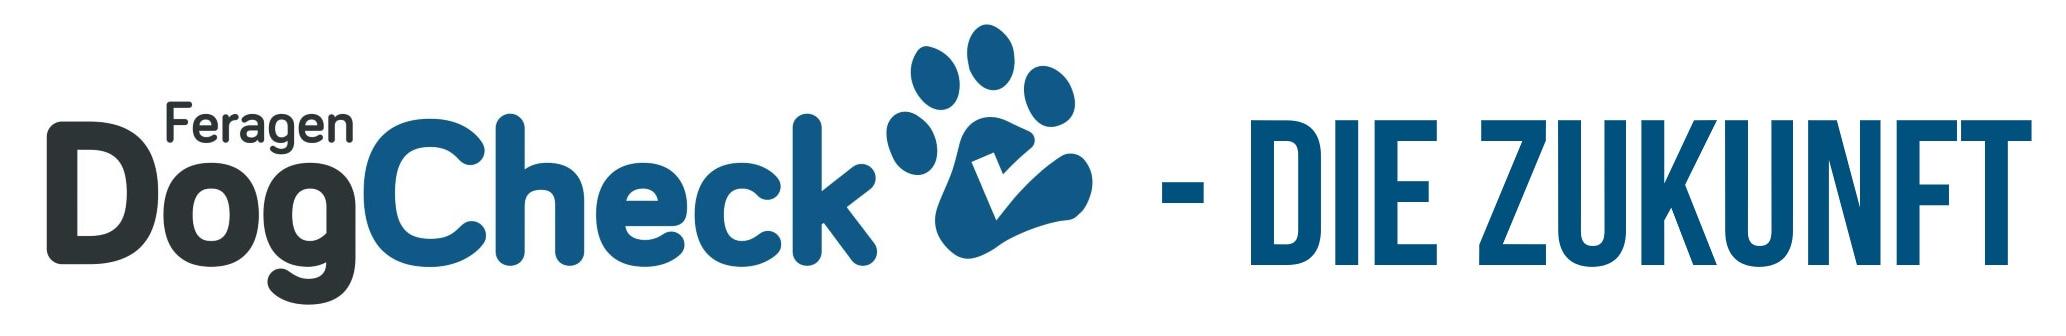 Die Zukunft hat begonnen - DogCheck von FERAGEN